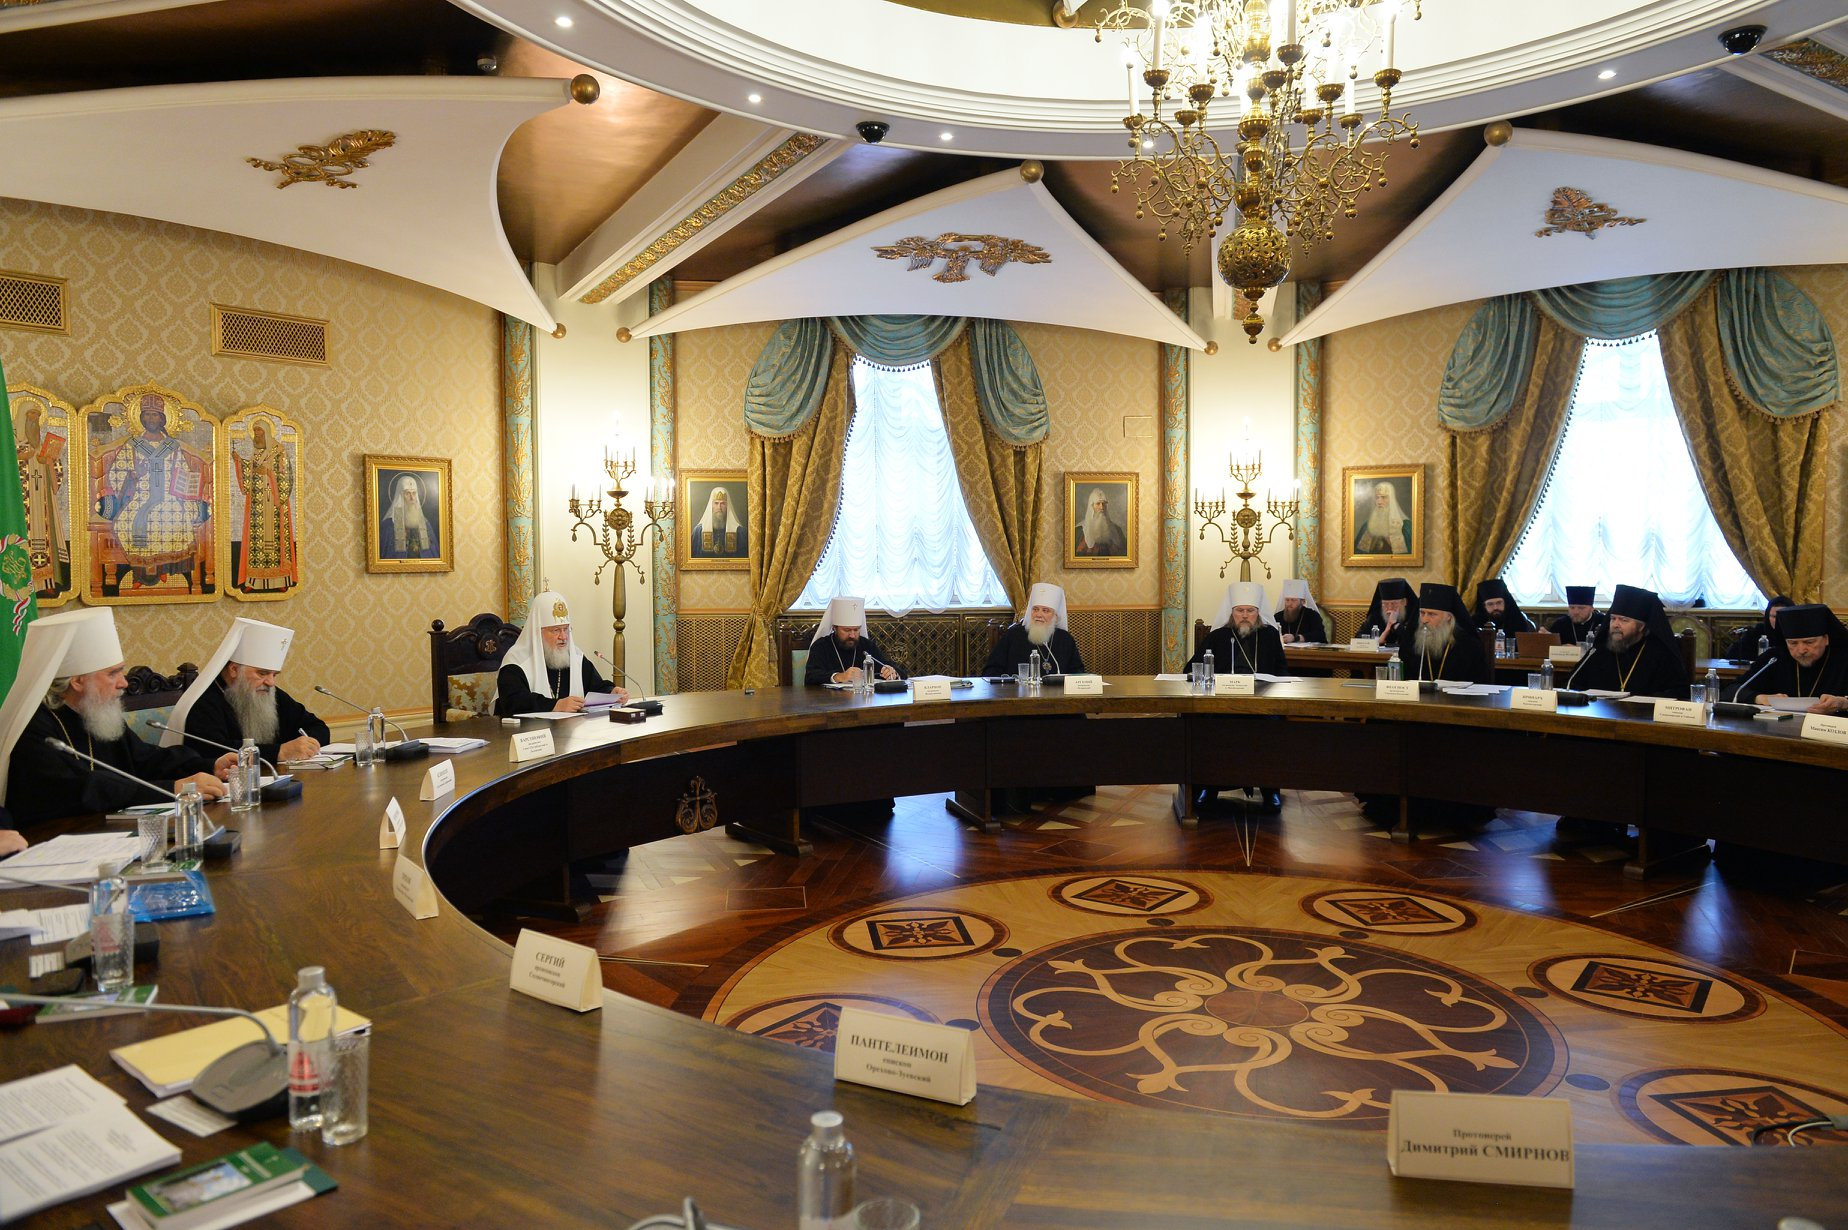 Особые молитвы о единстве православия будут совершаться во всех храмах РПЦ